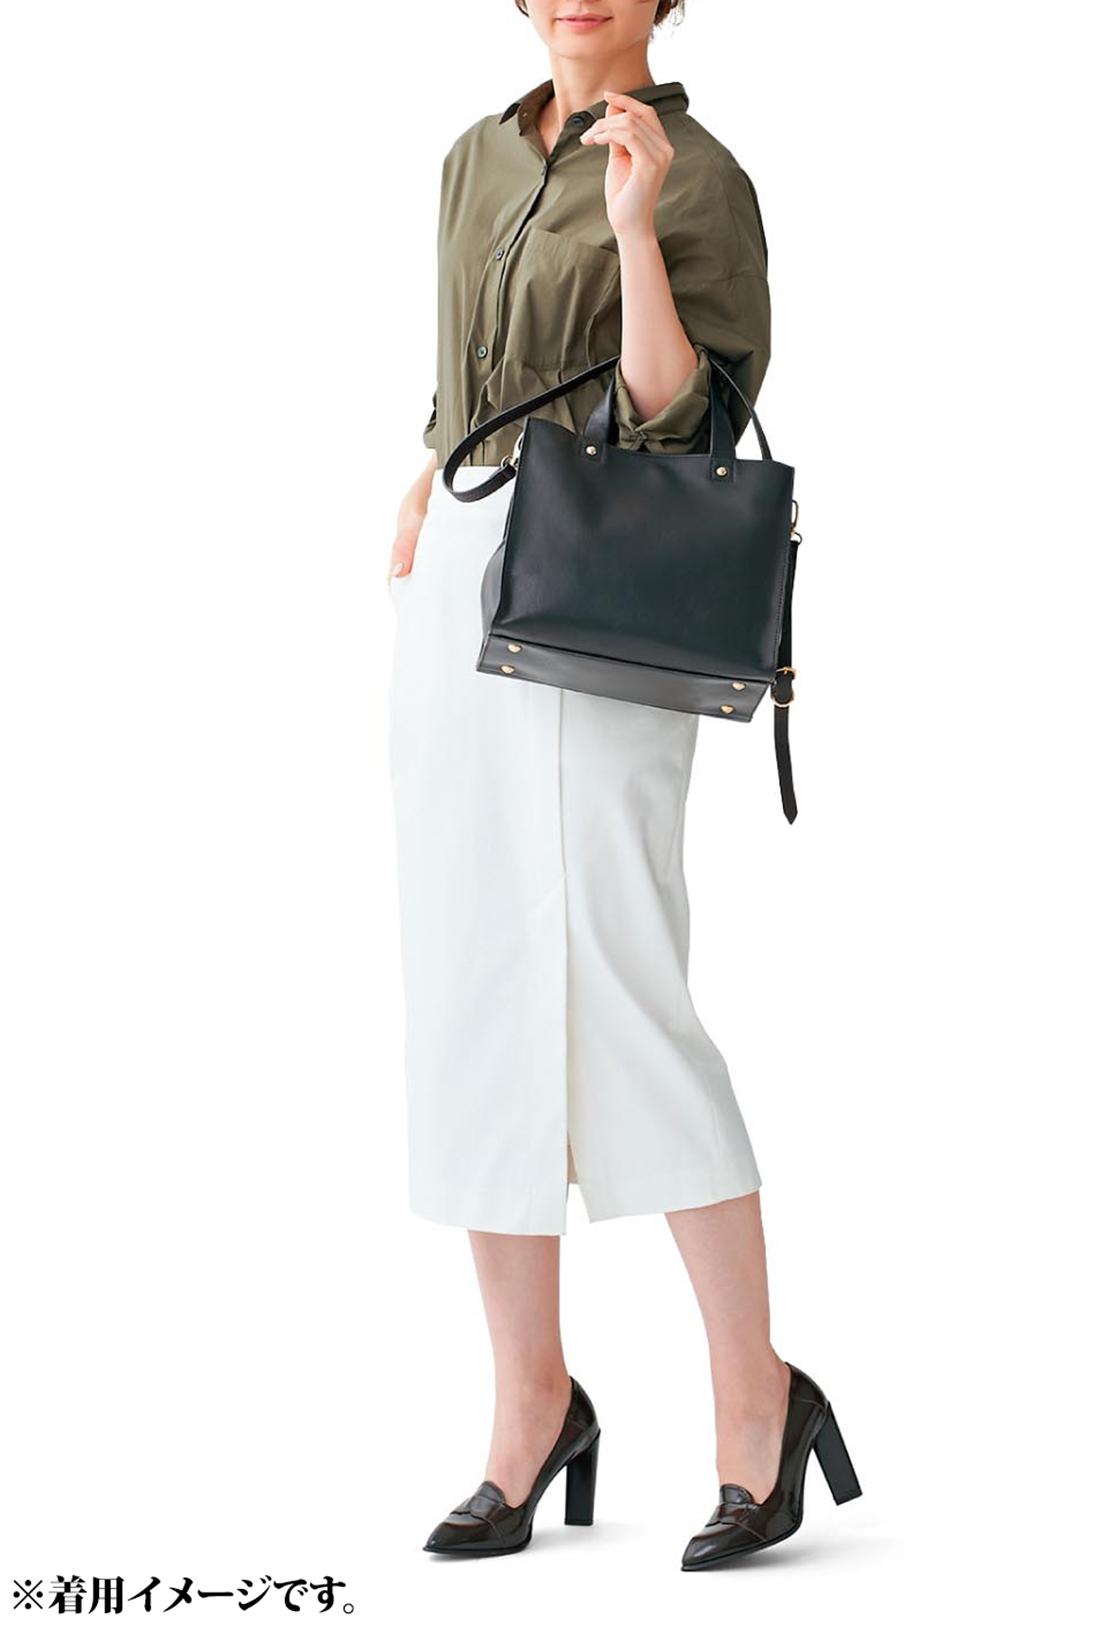 本革バッグで通勤コーデを格上げ! センスよく、知的に見えるだけでなく、本物を持つことで気持ちも高揚。すべてがうまくいきそうな気分にさせる淑女なスタイル。